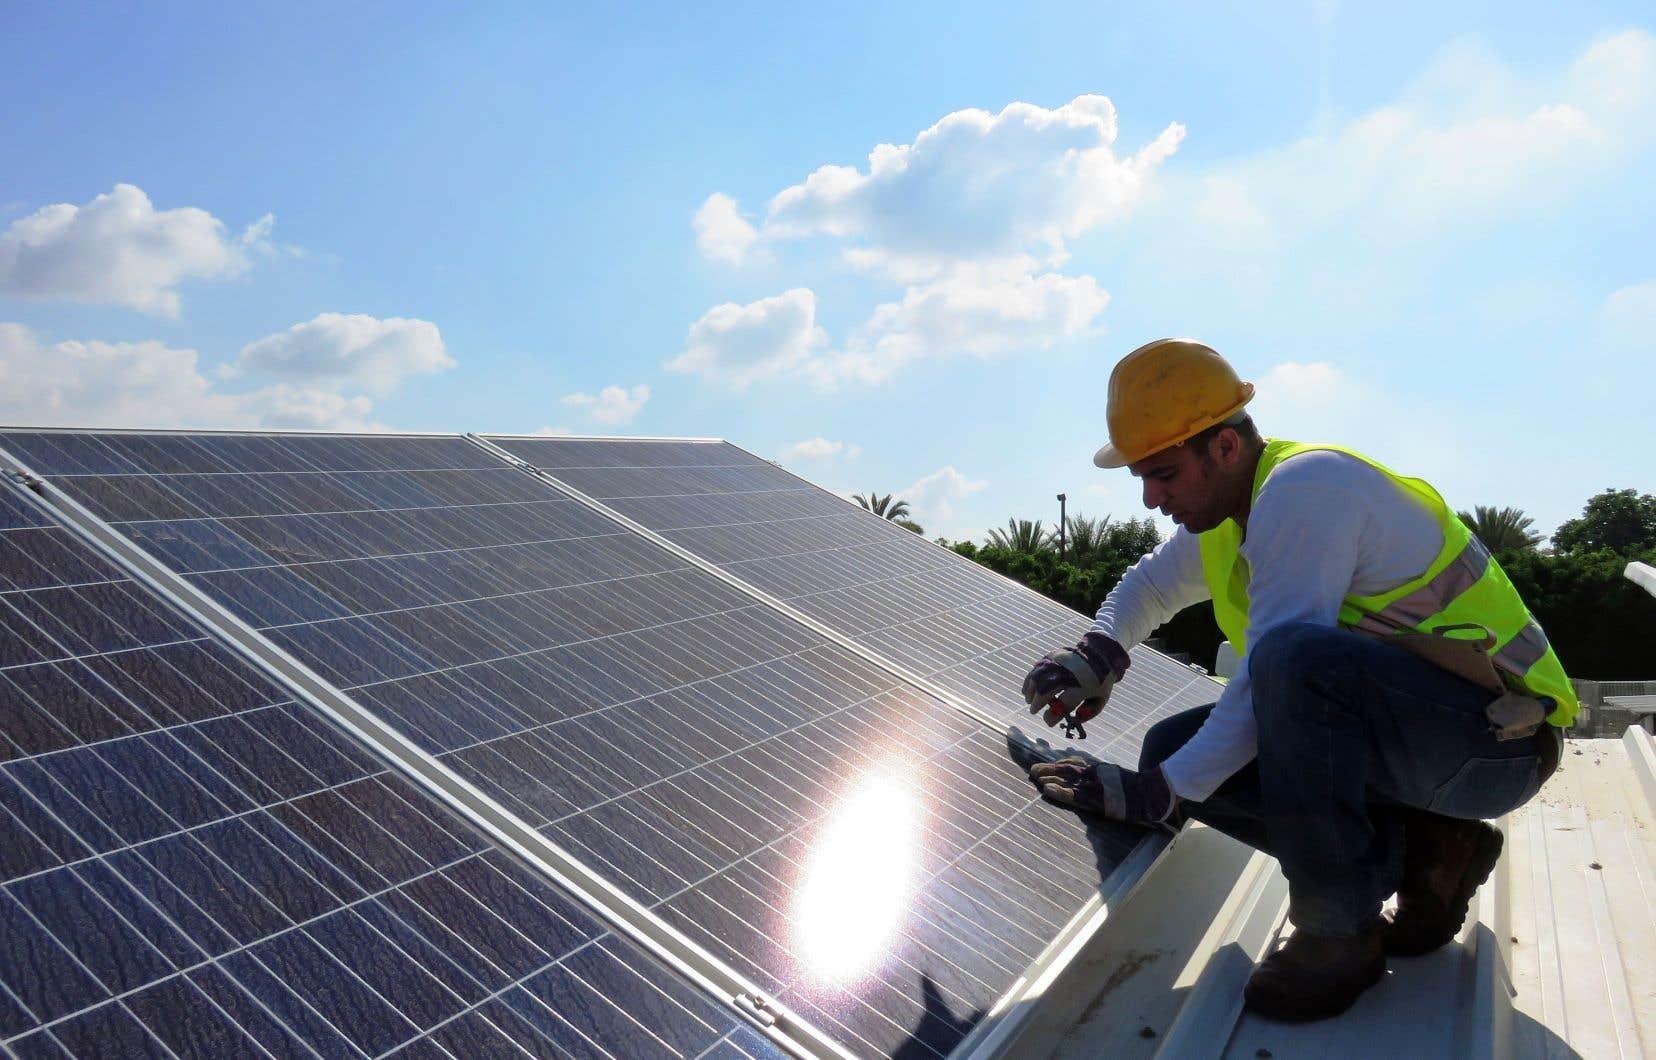 La société britannique Solargise a renoncé à construire son usine de panneaux solaires à Montréal.